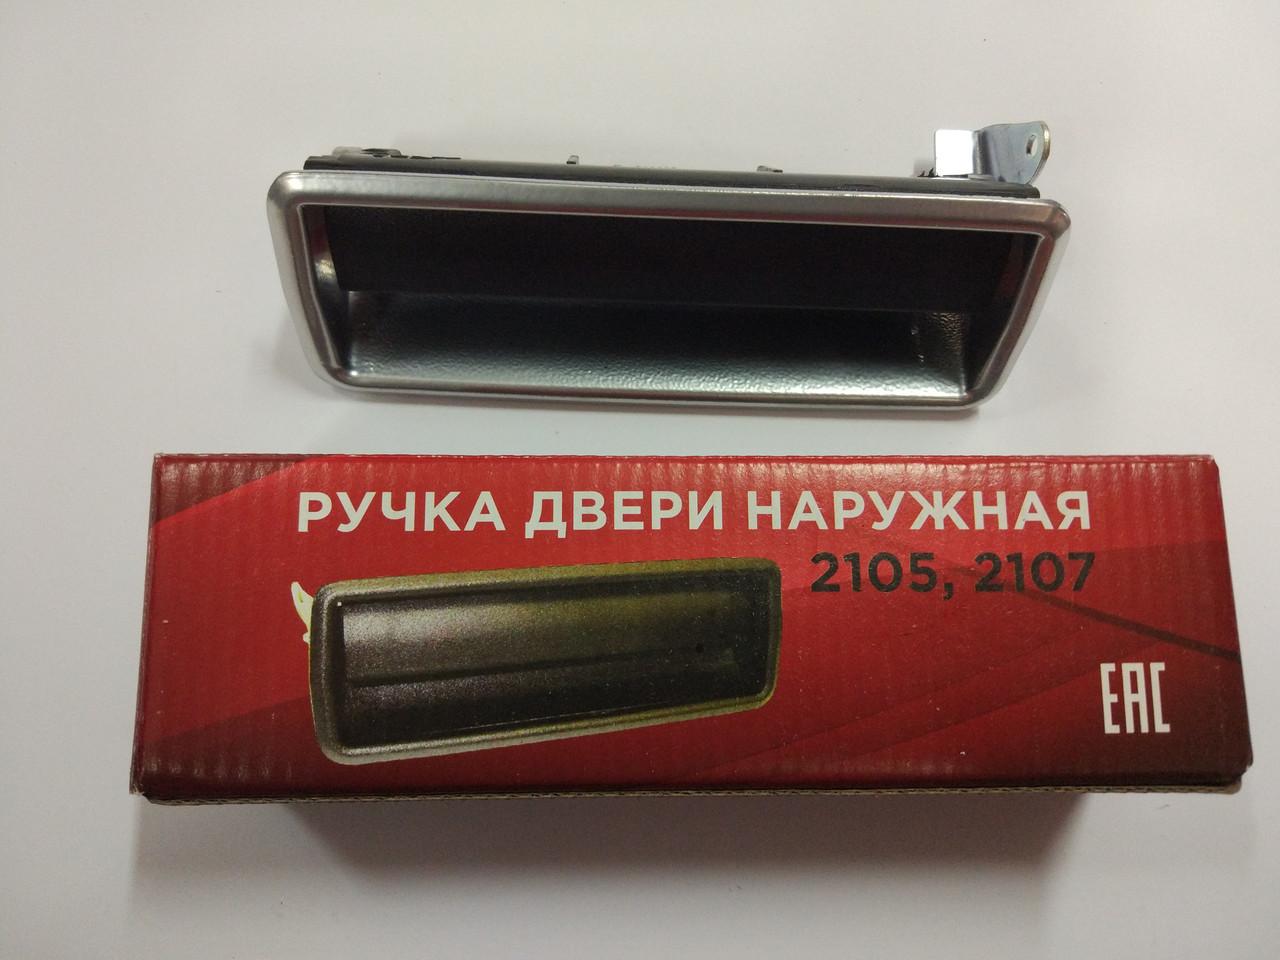 Ручка двери наружая 2105 Гранд Ри Ал правая